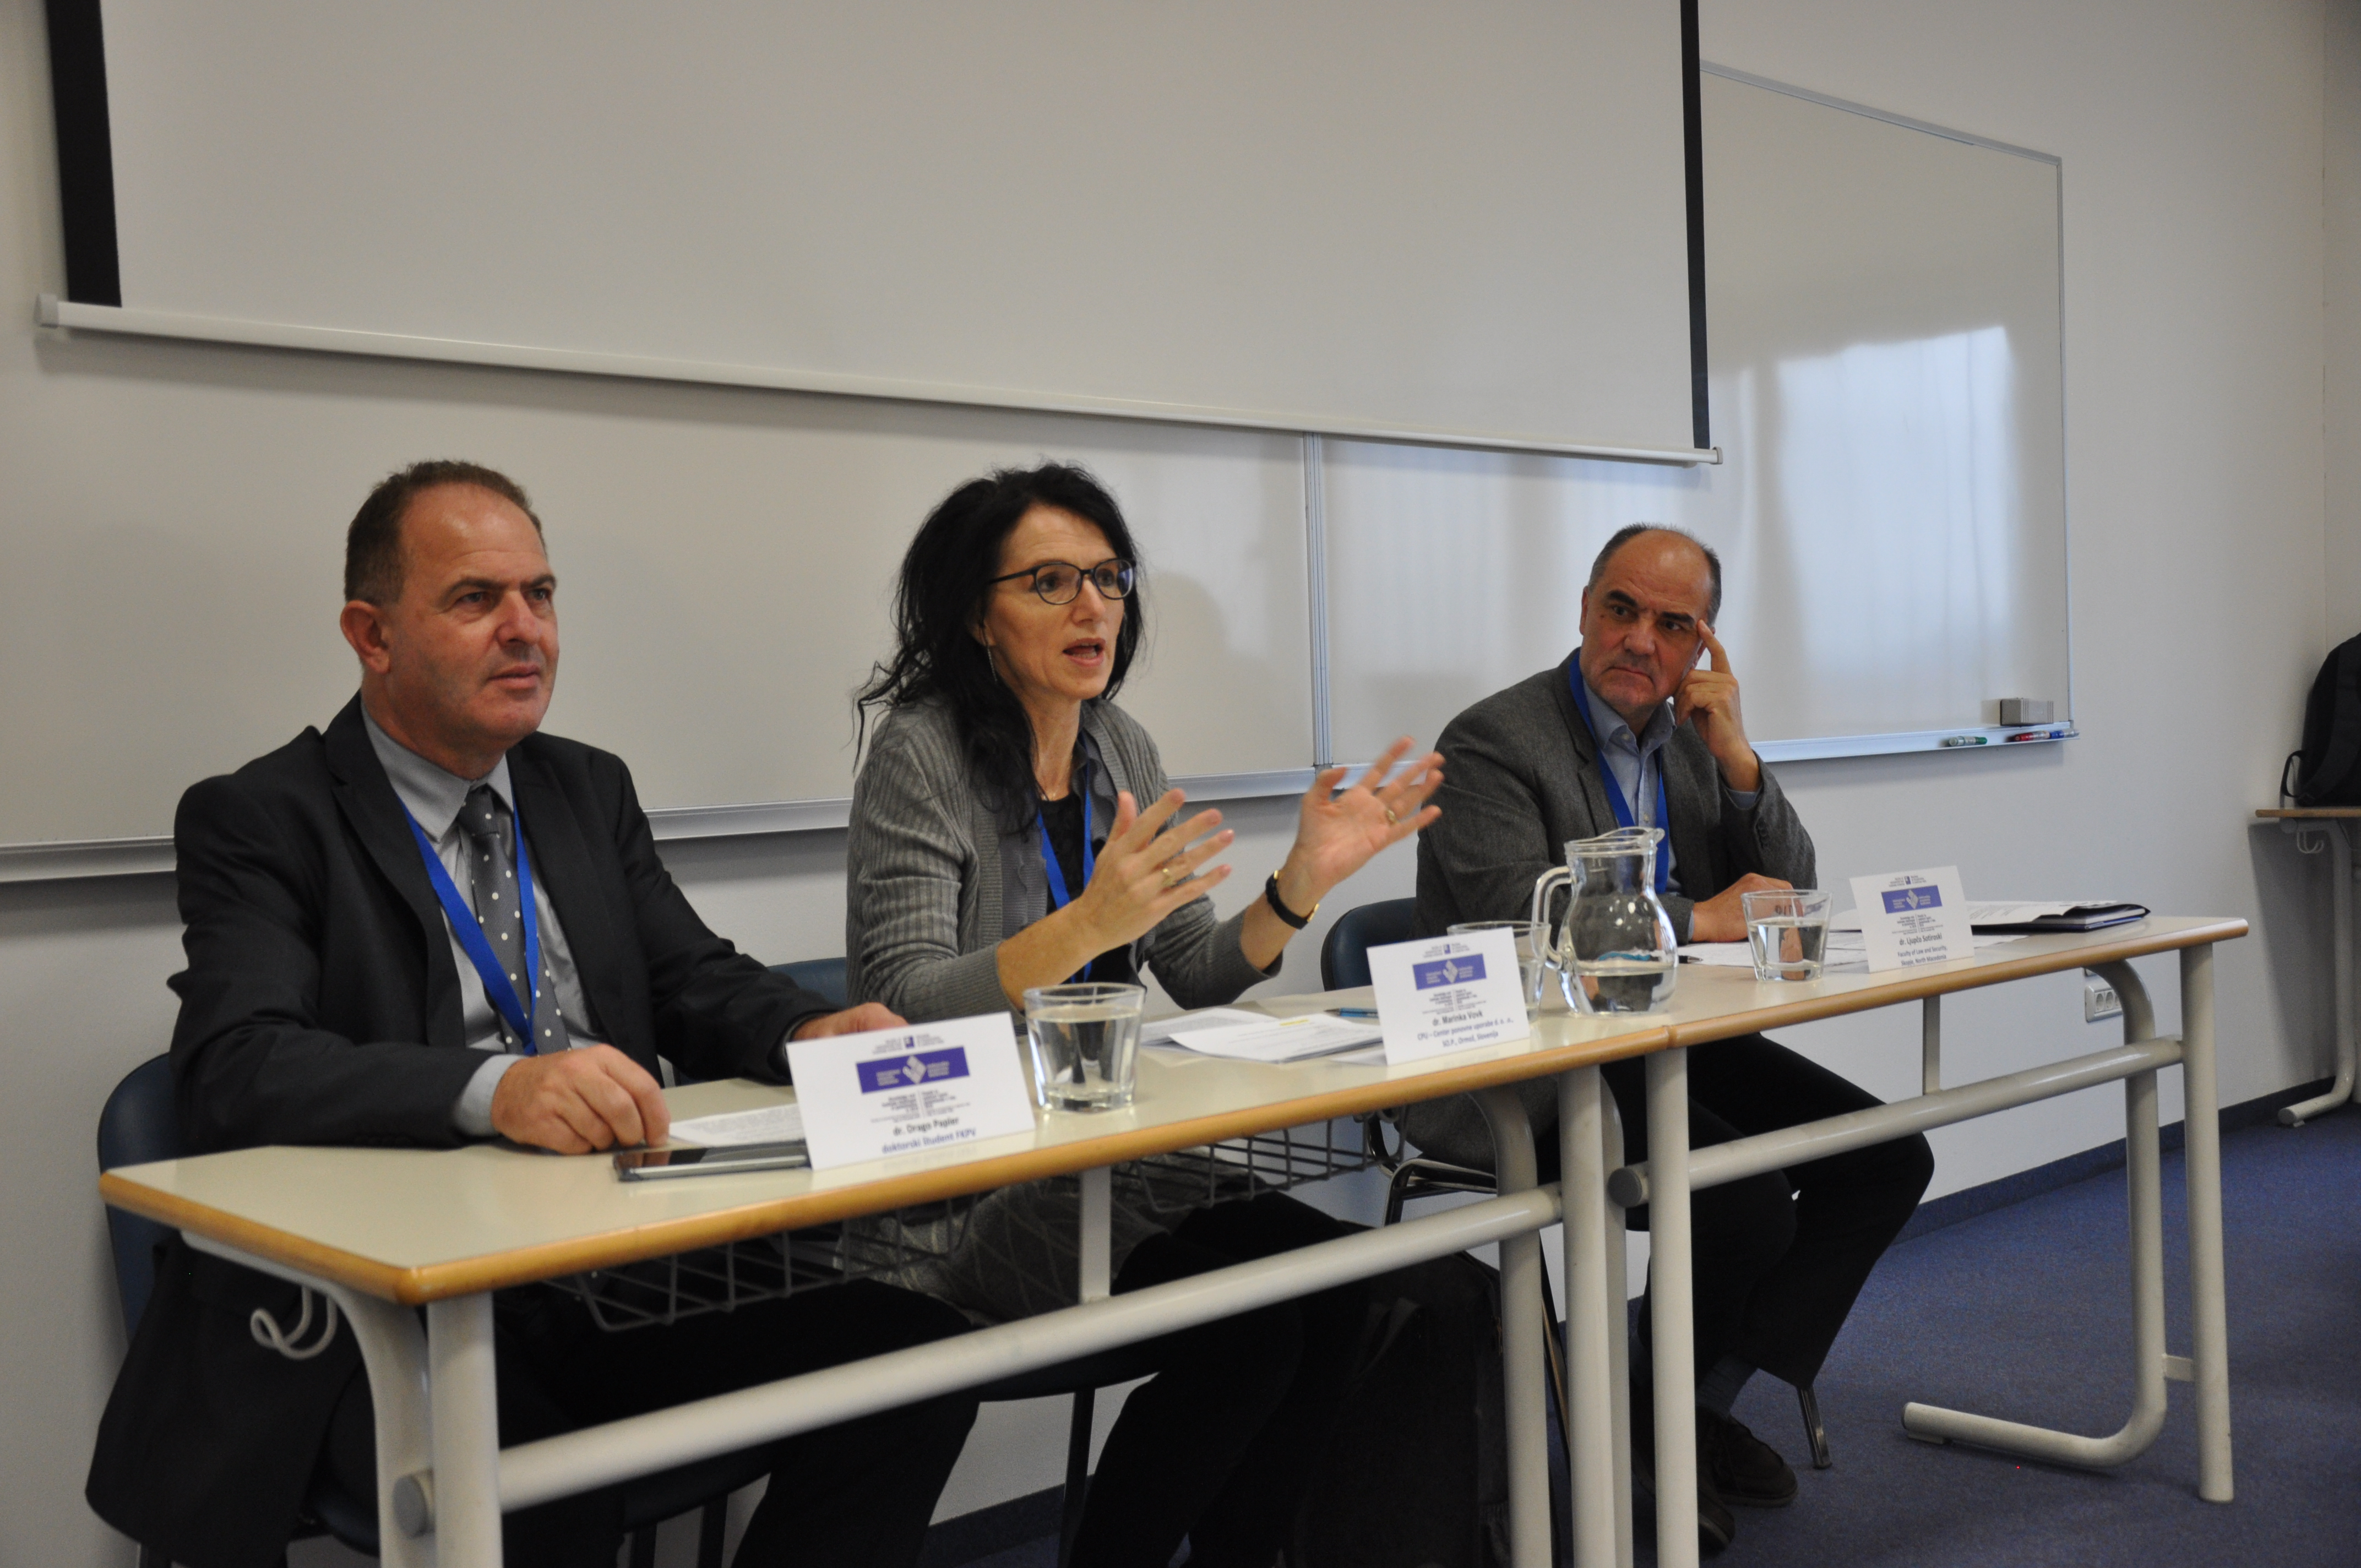 """Okrogla miza na temo """"Konflikt med ekonomijo in ekologijo"""", ki jo je uspešno vodila dr. Marinka Vovk (sodelujoča: dr. Ljupče Sotiroski in dr. Drago Papler)"""